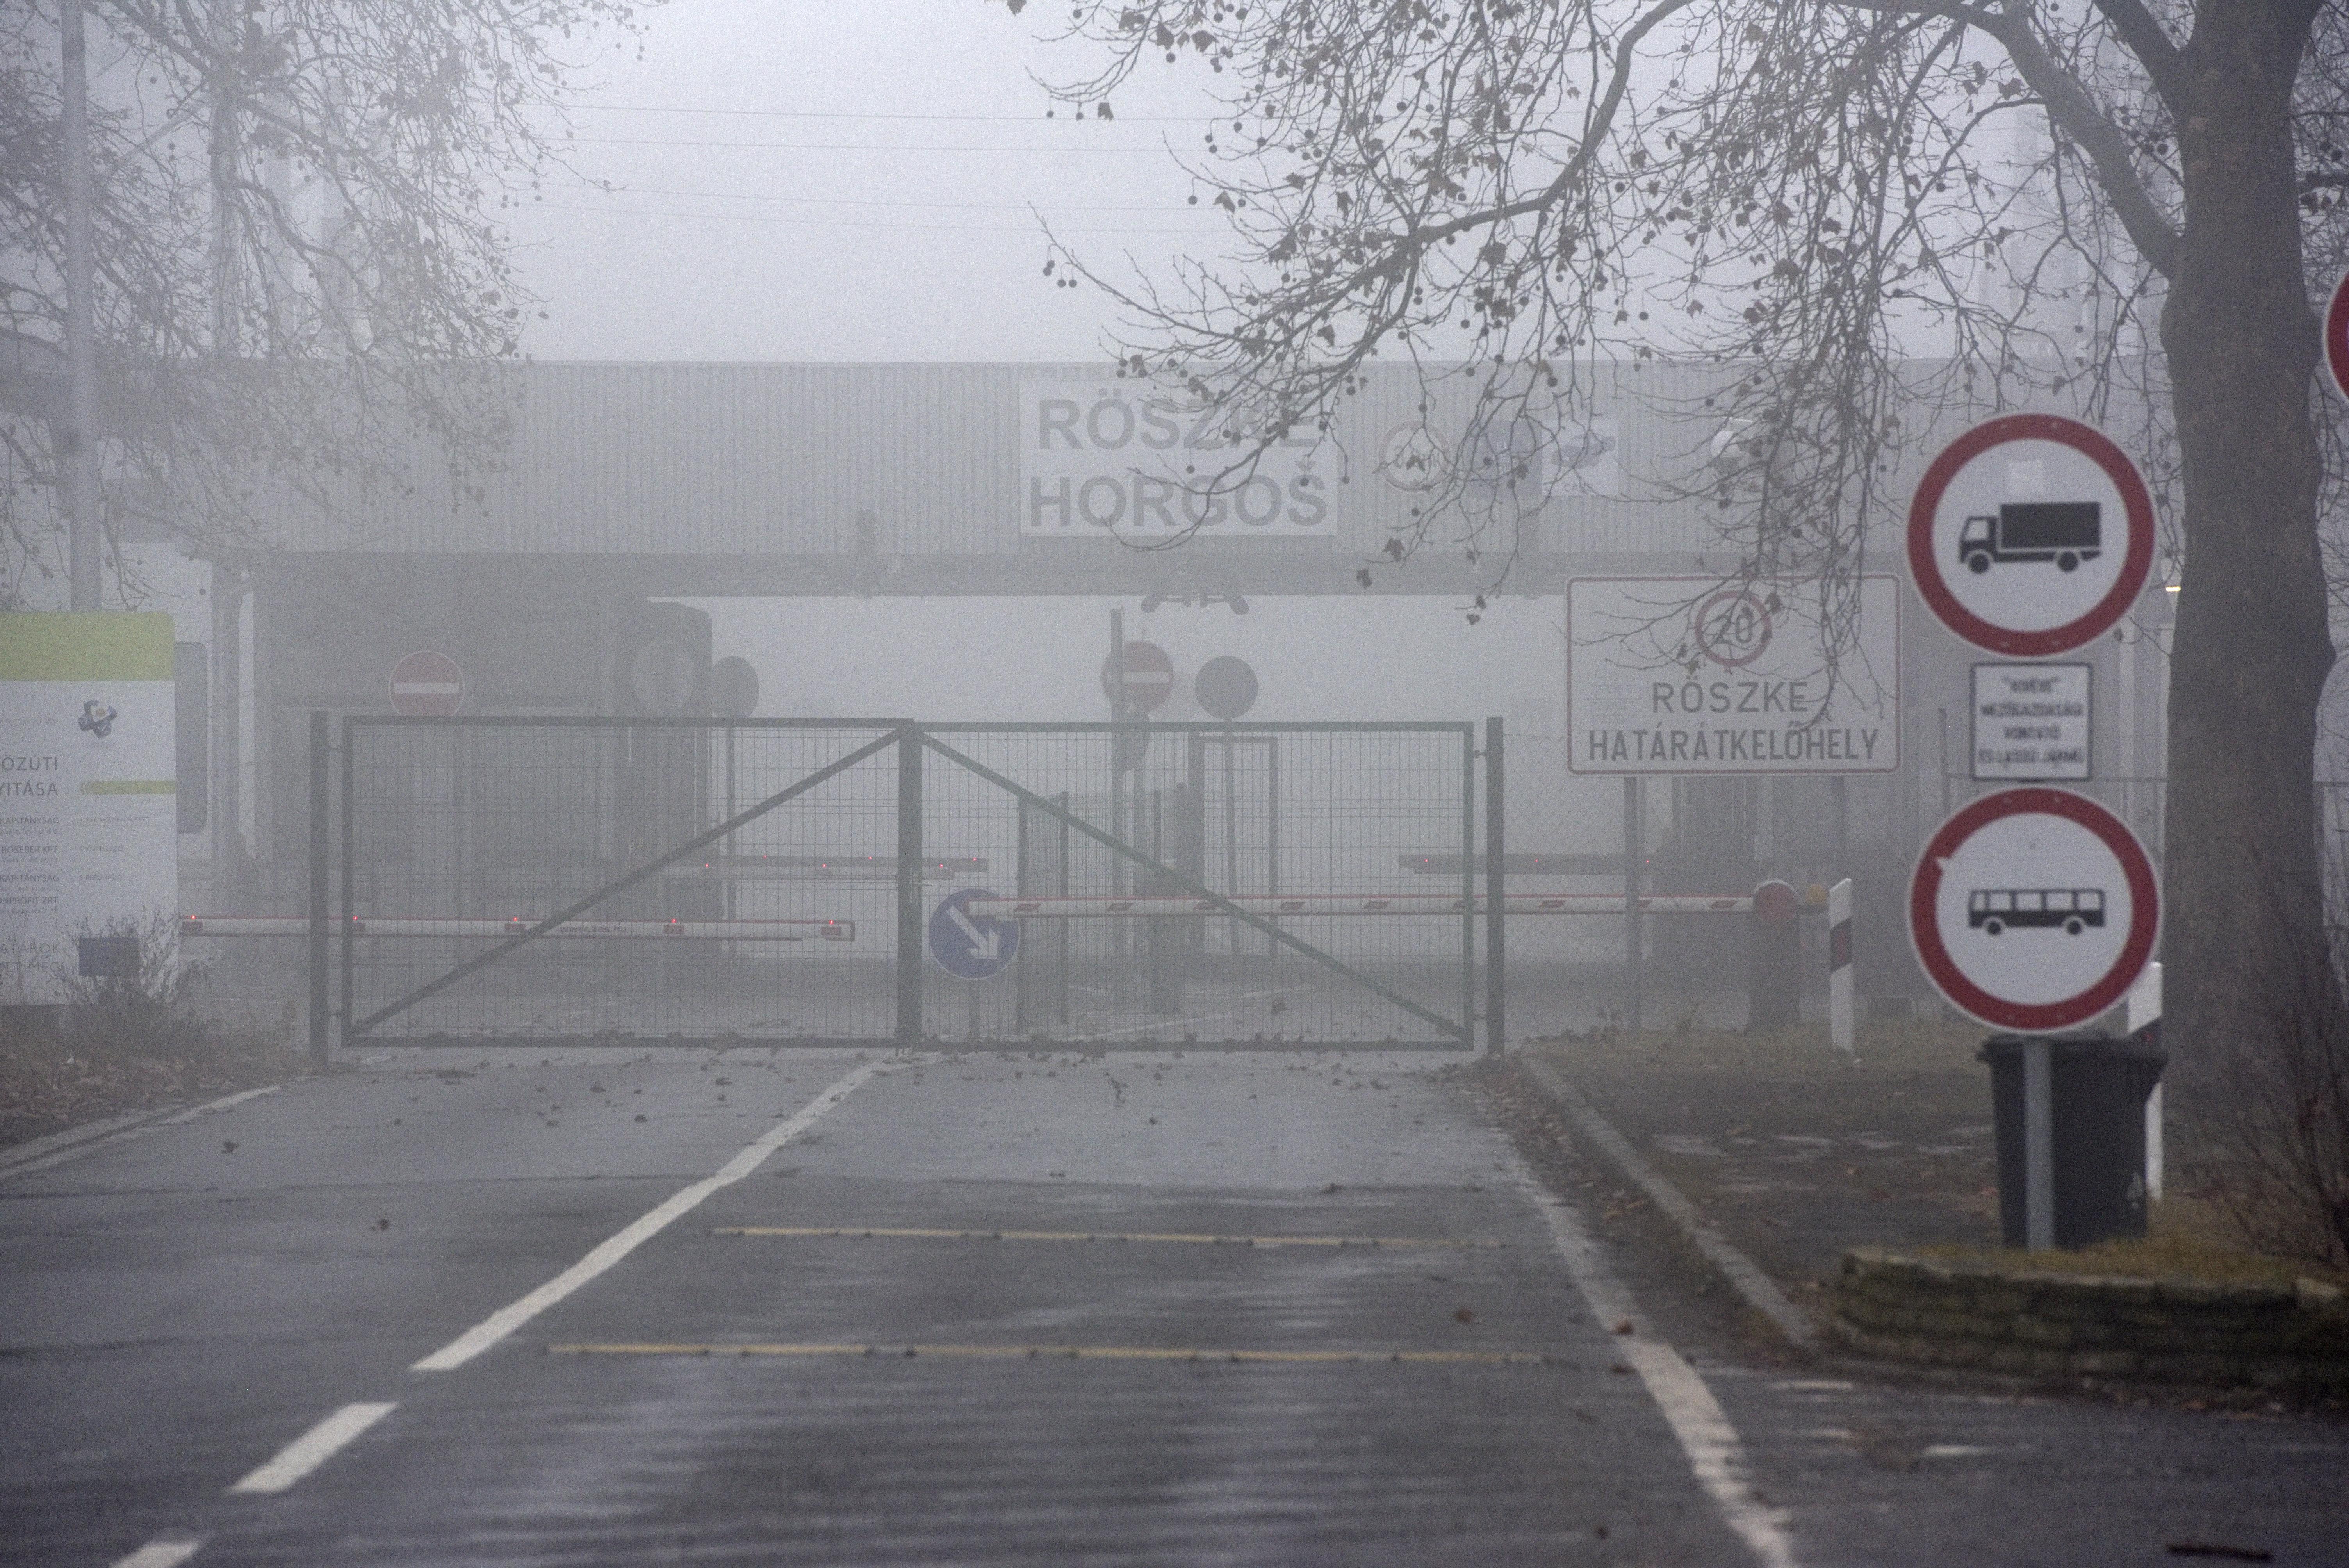 """Rendőrség: """"Nagyobb migránscsoport"""" próbált meg bejutni Röszkénél, figyelmeztető lövések dördültek"""